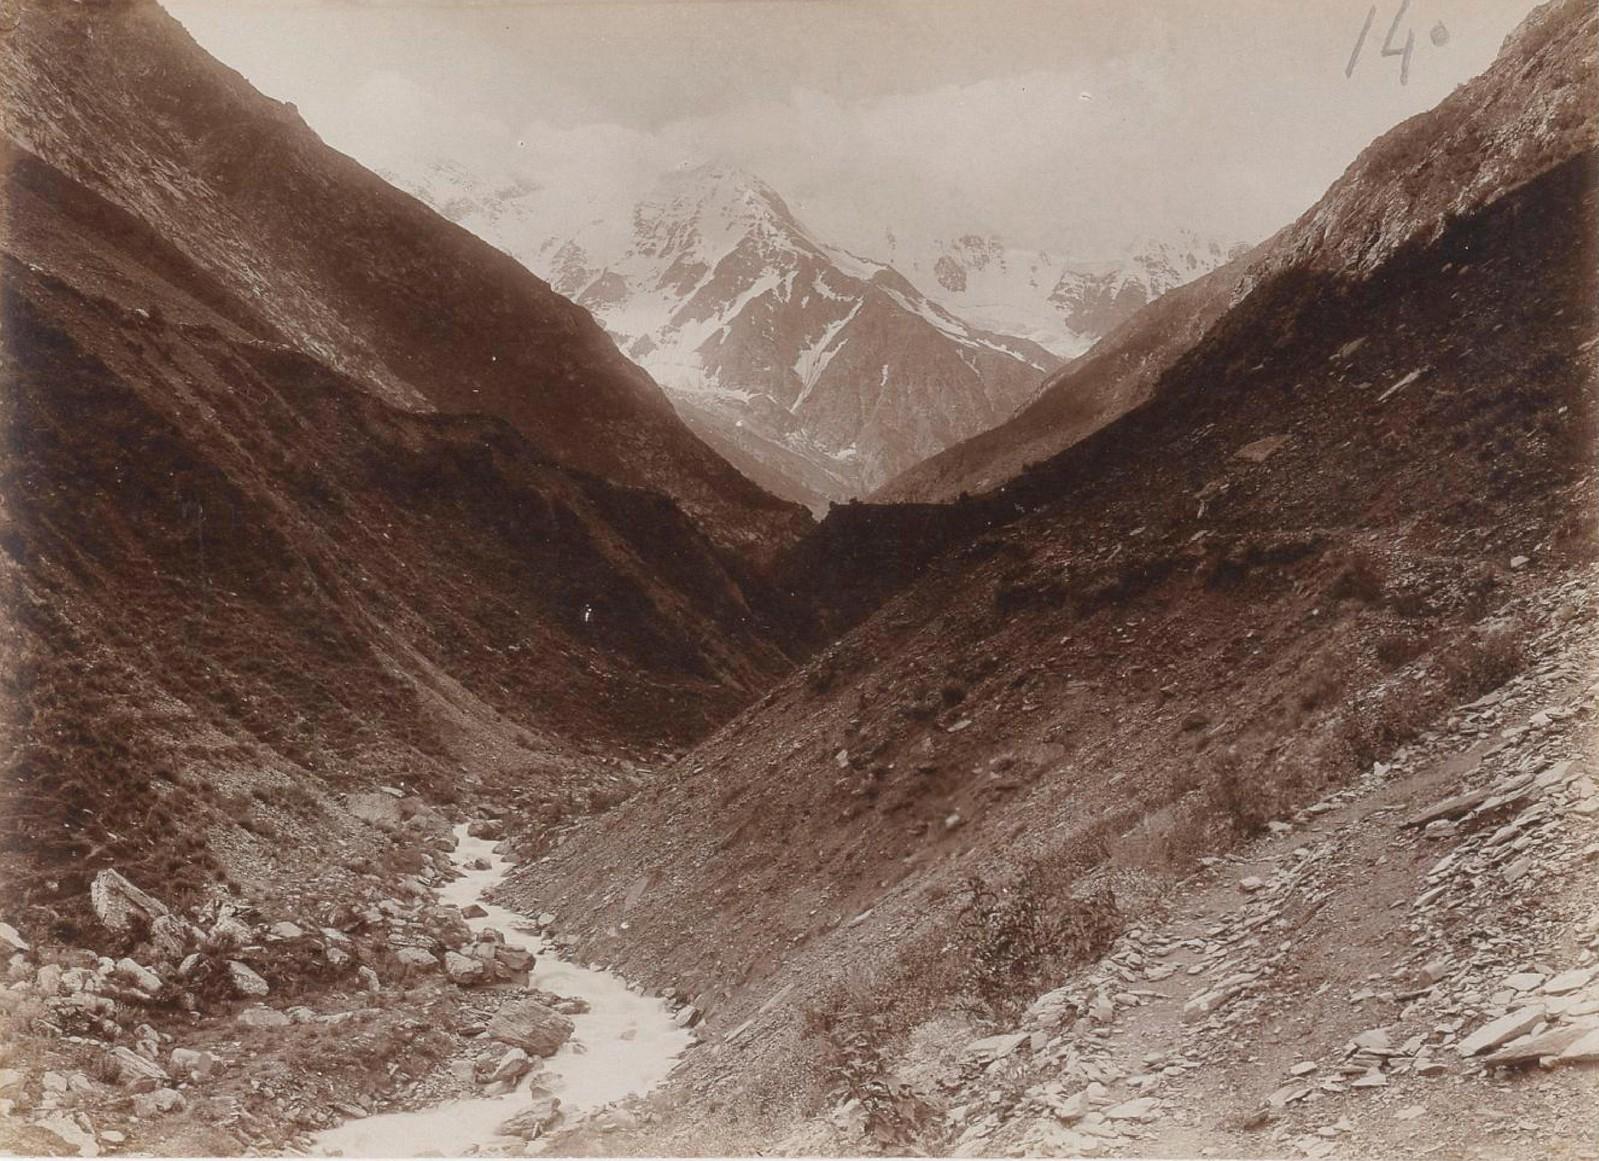 19. Восточный Кавказ. Диклосмта из долины Харгабе. Июль